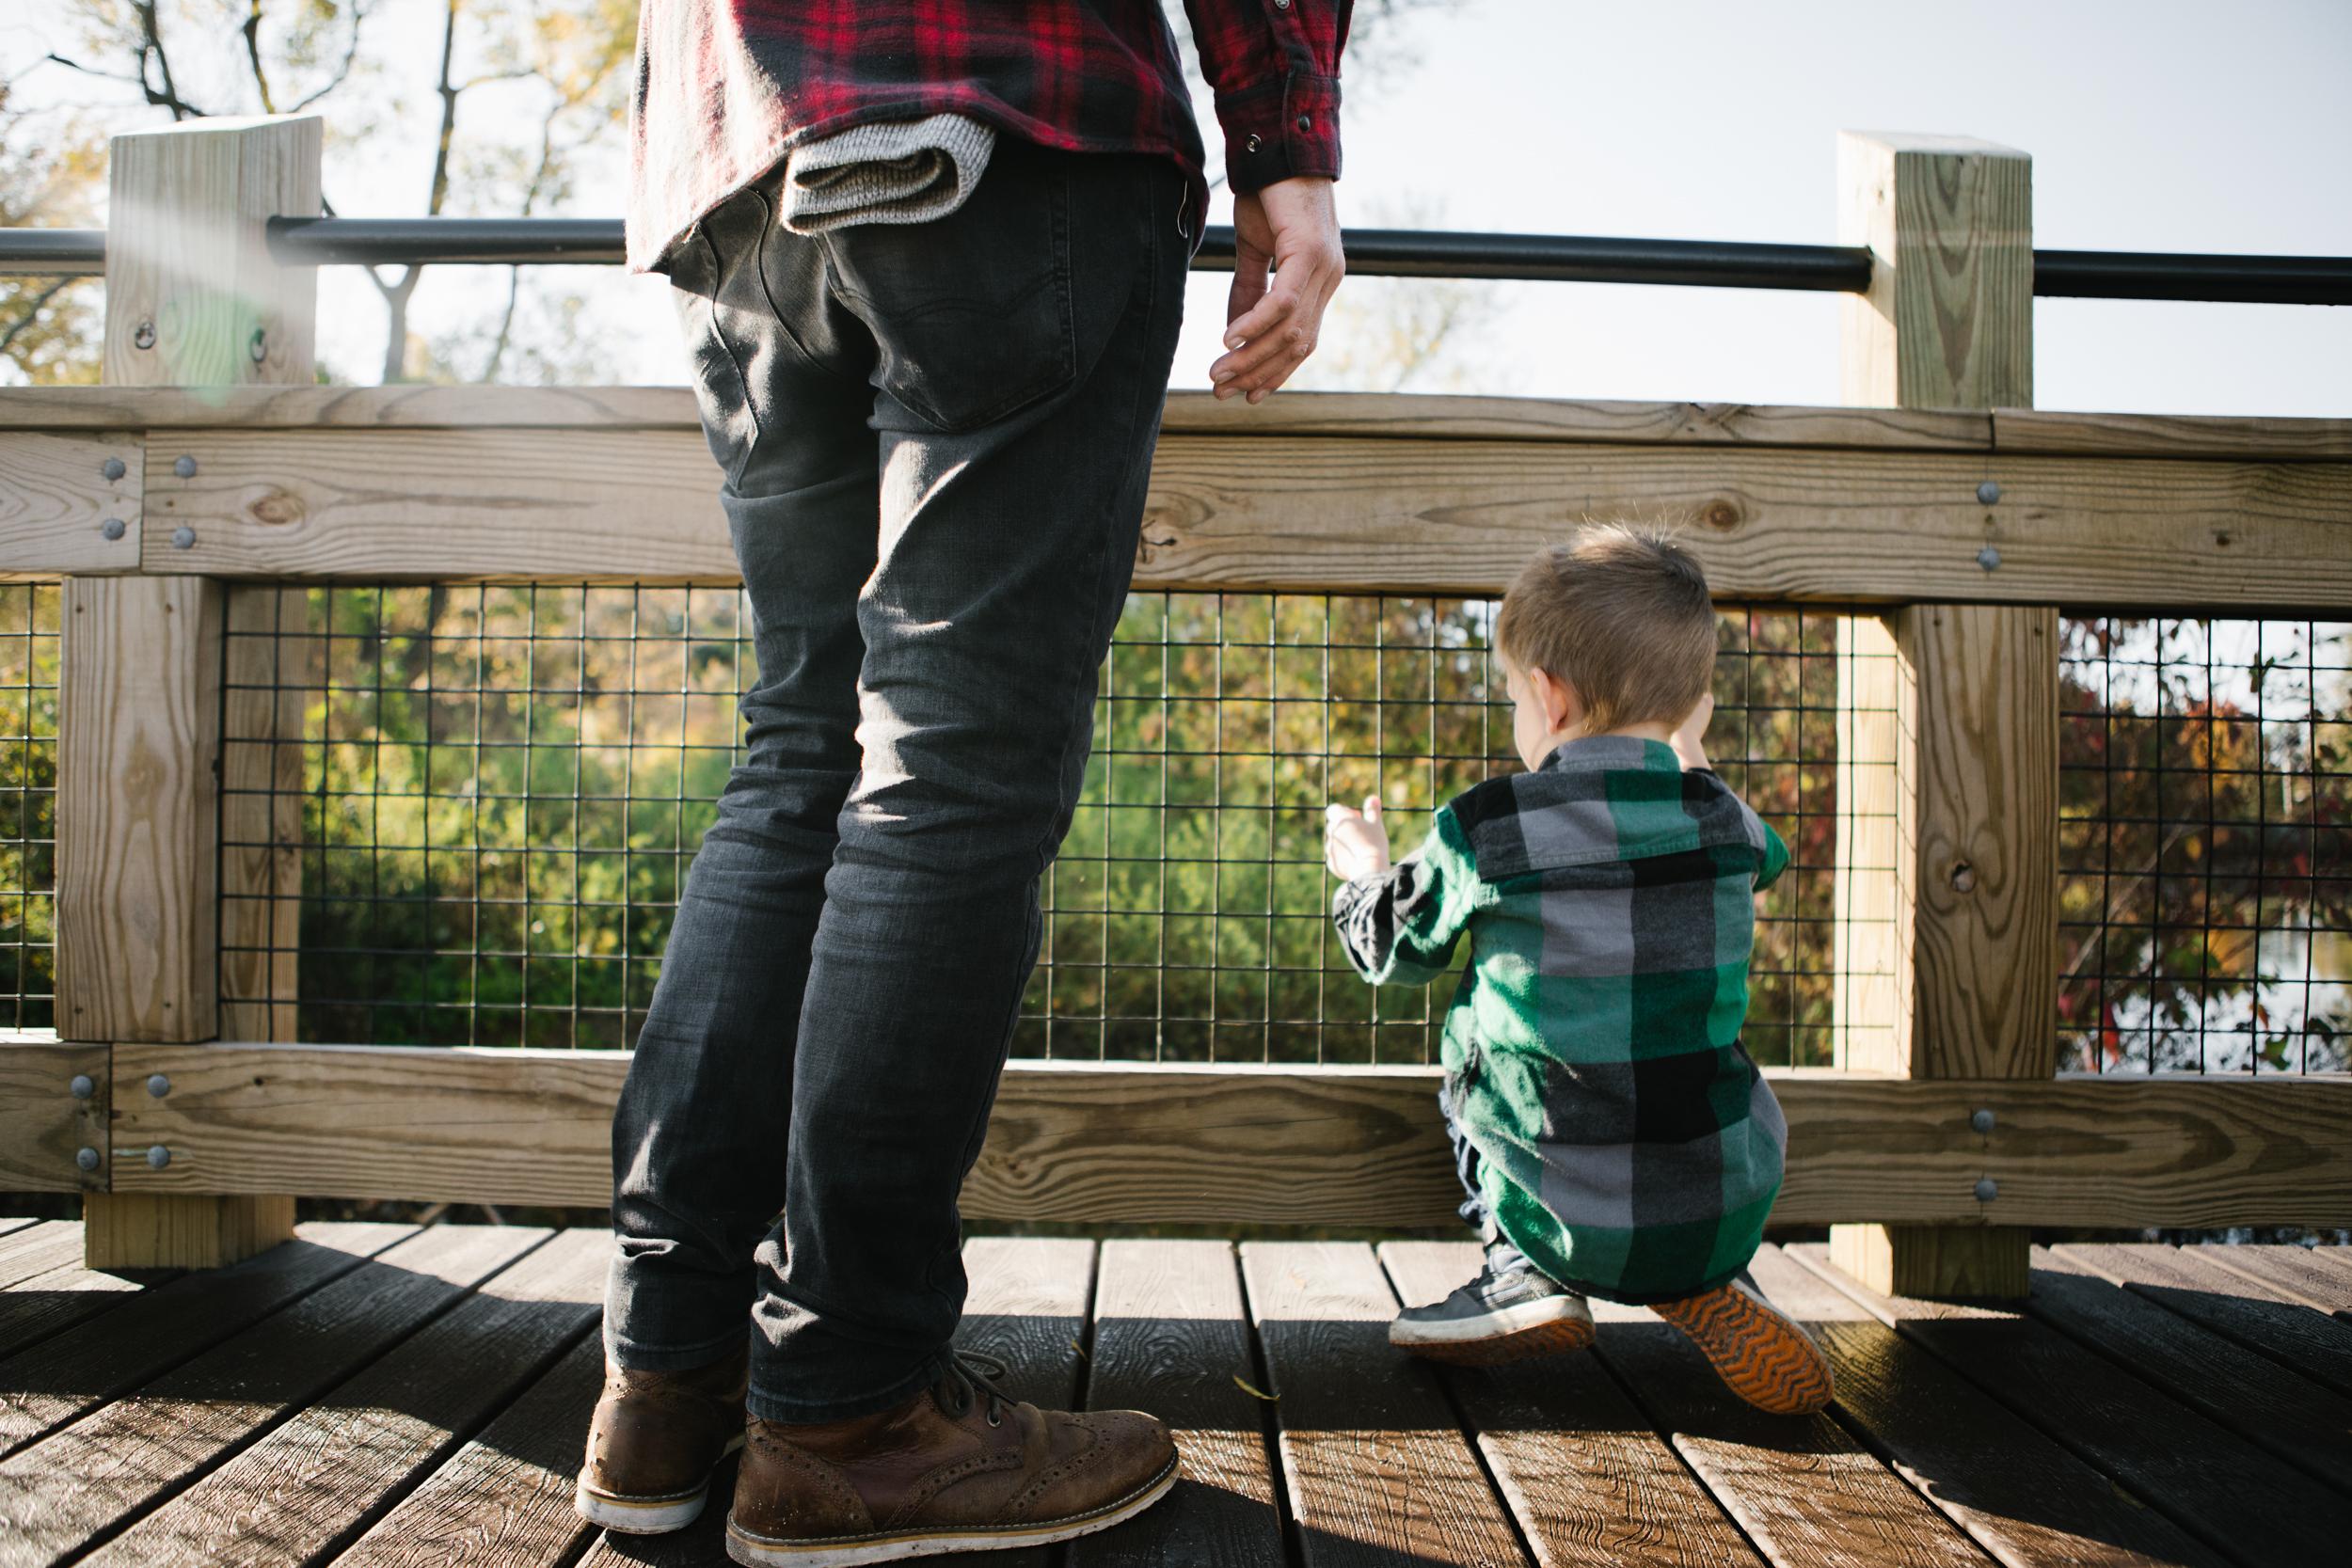 Son looking over bridge